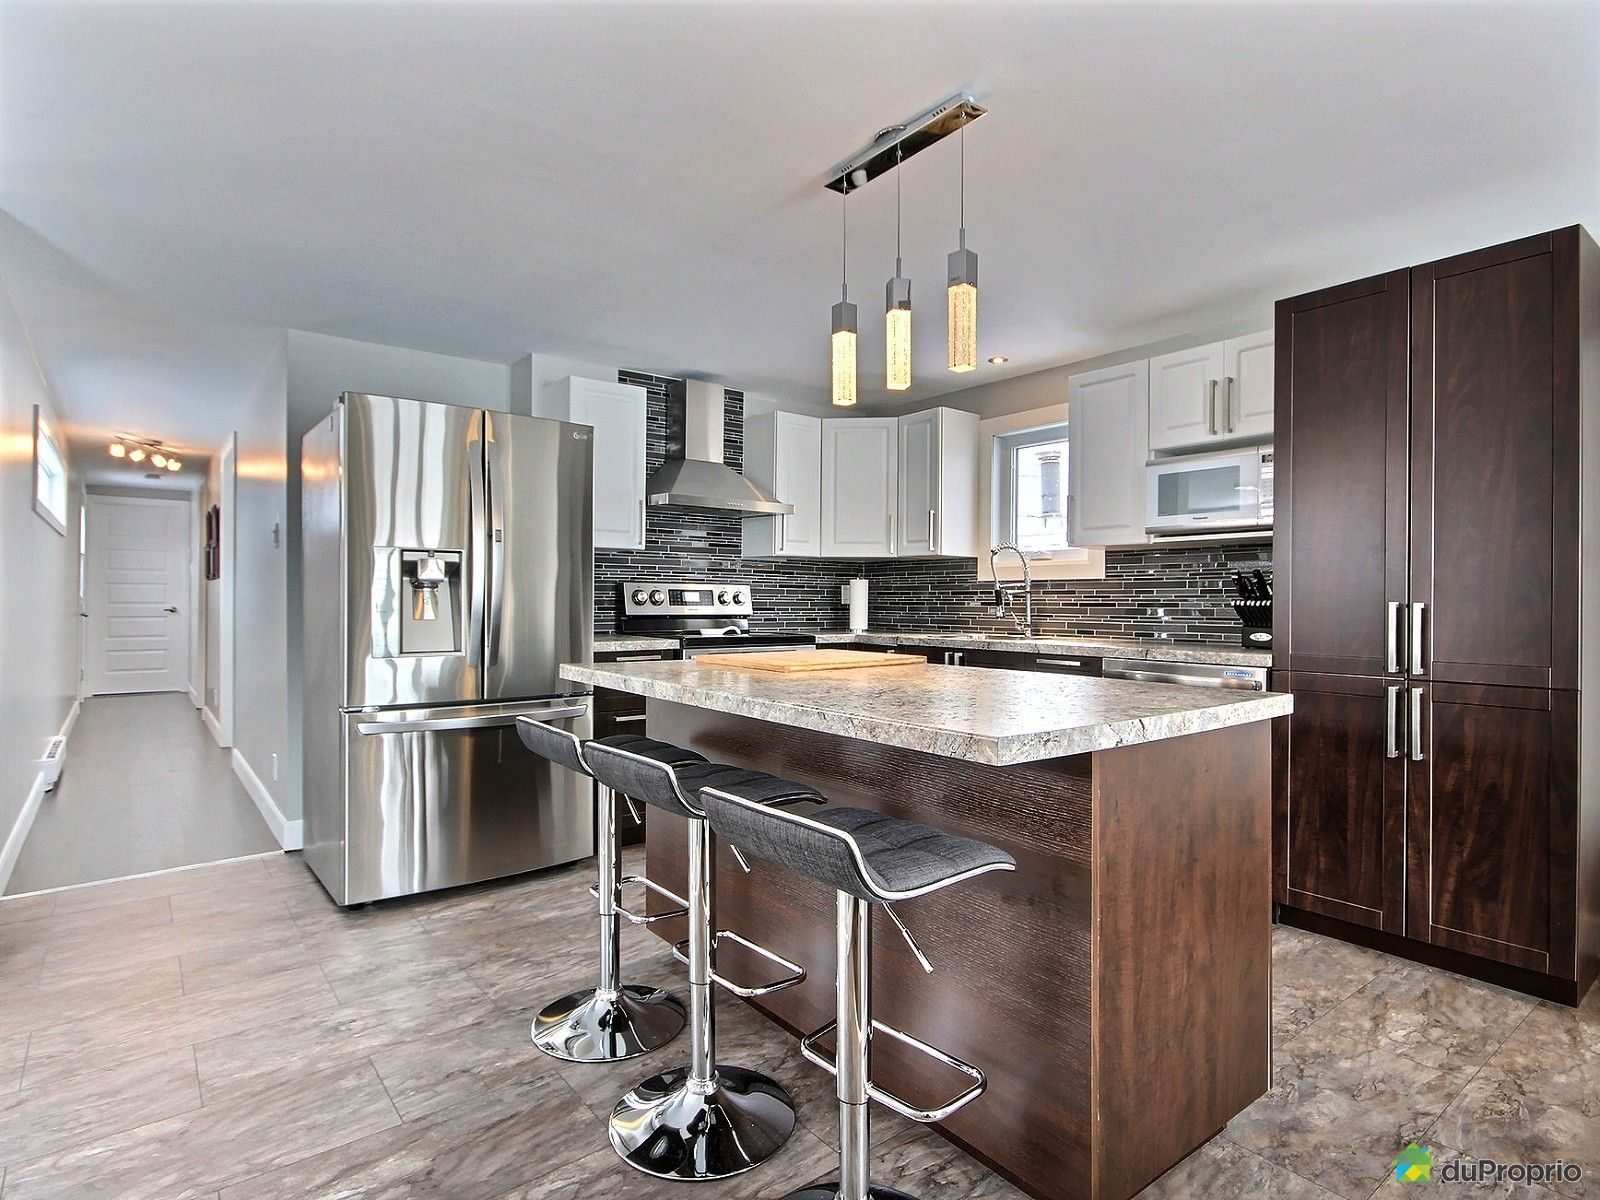 maison vendu ch teau richer immobilier qu bec duproprio 689479. Black Bedroom Furniture Sets. Home Design Ideas